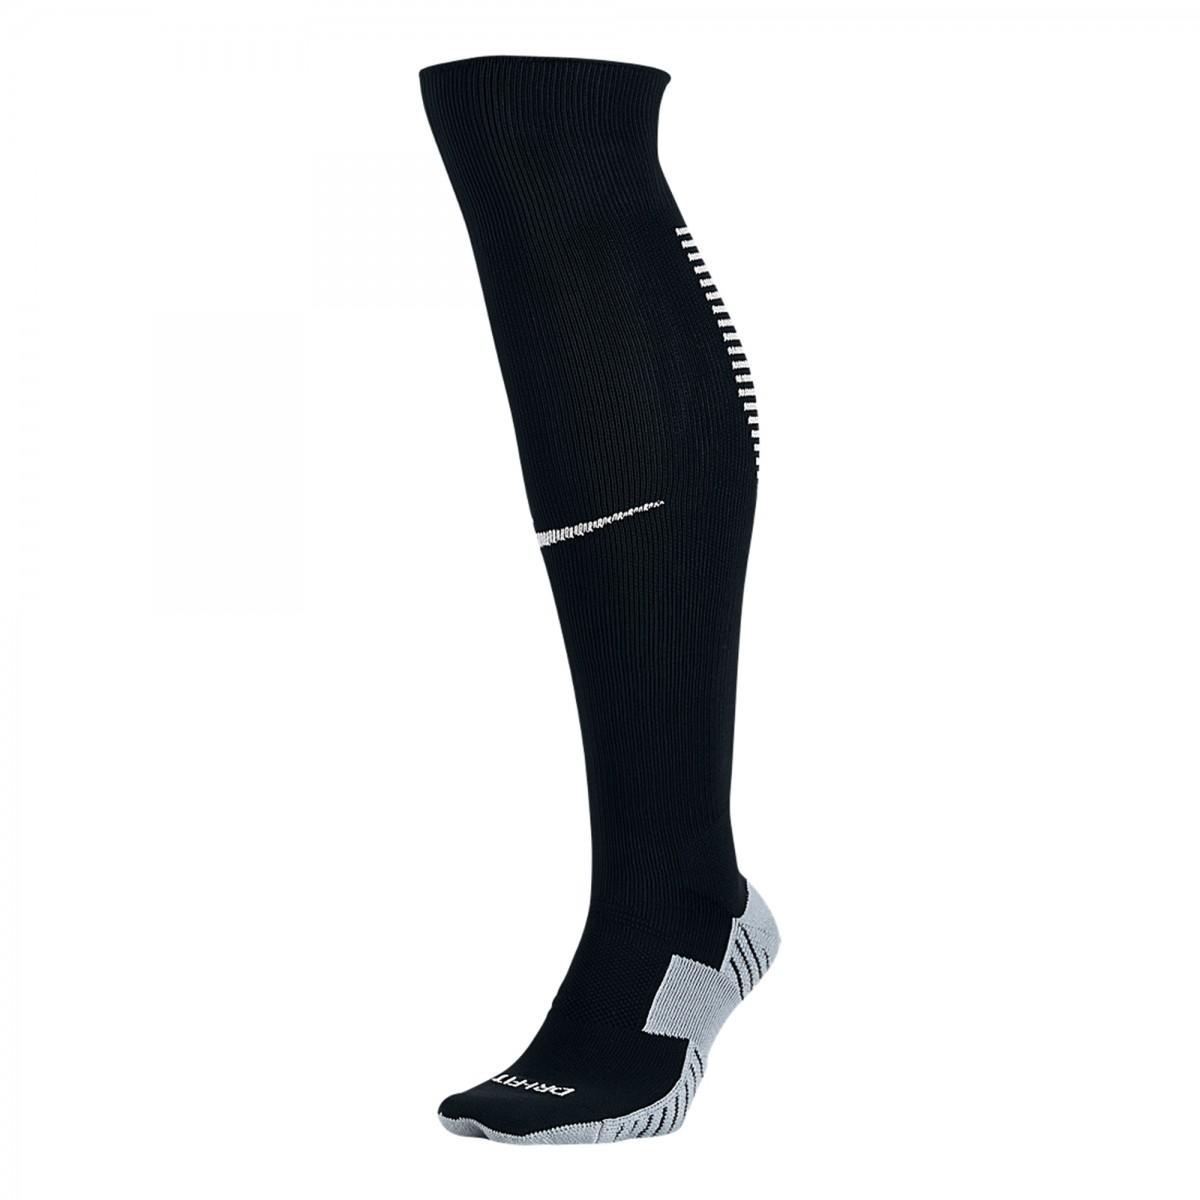 8f98d90212 Bizz Store - Meião De Futevol Nike Matchfit Masculina